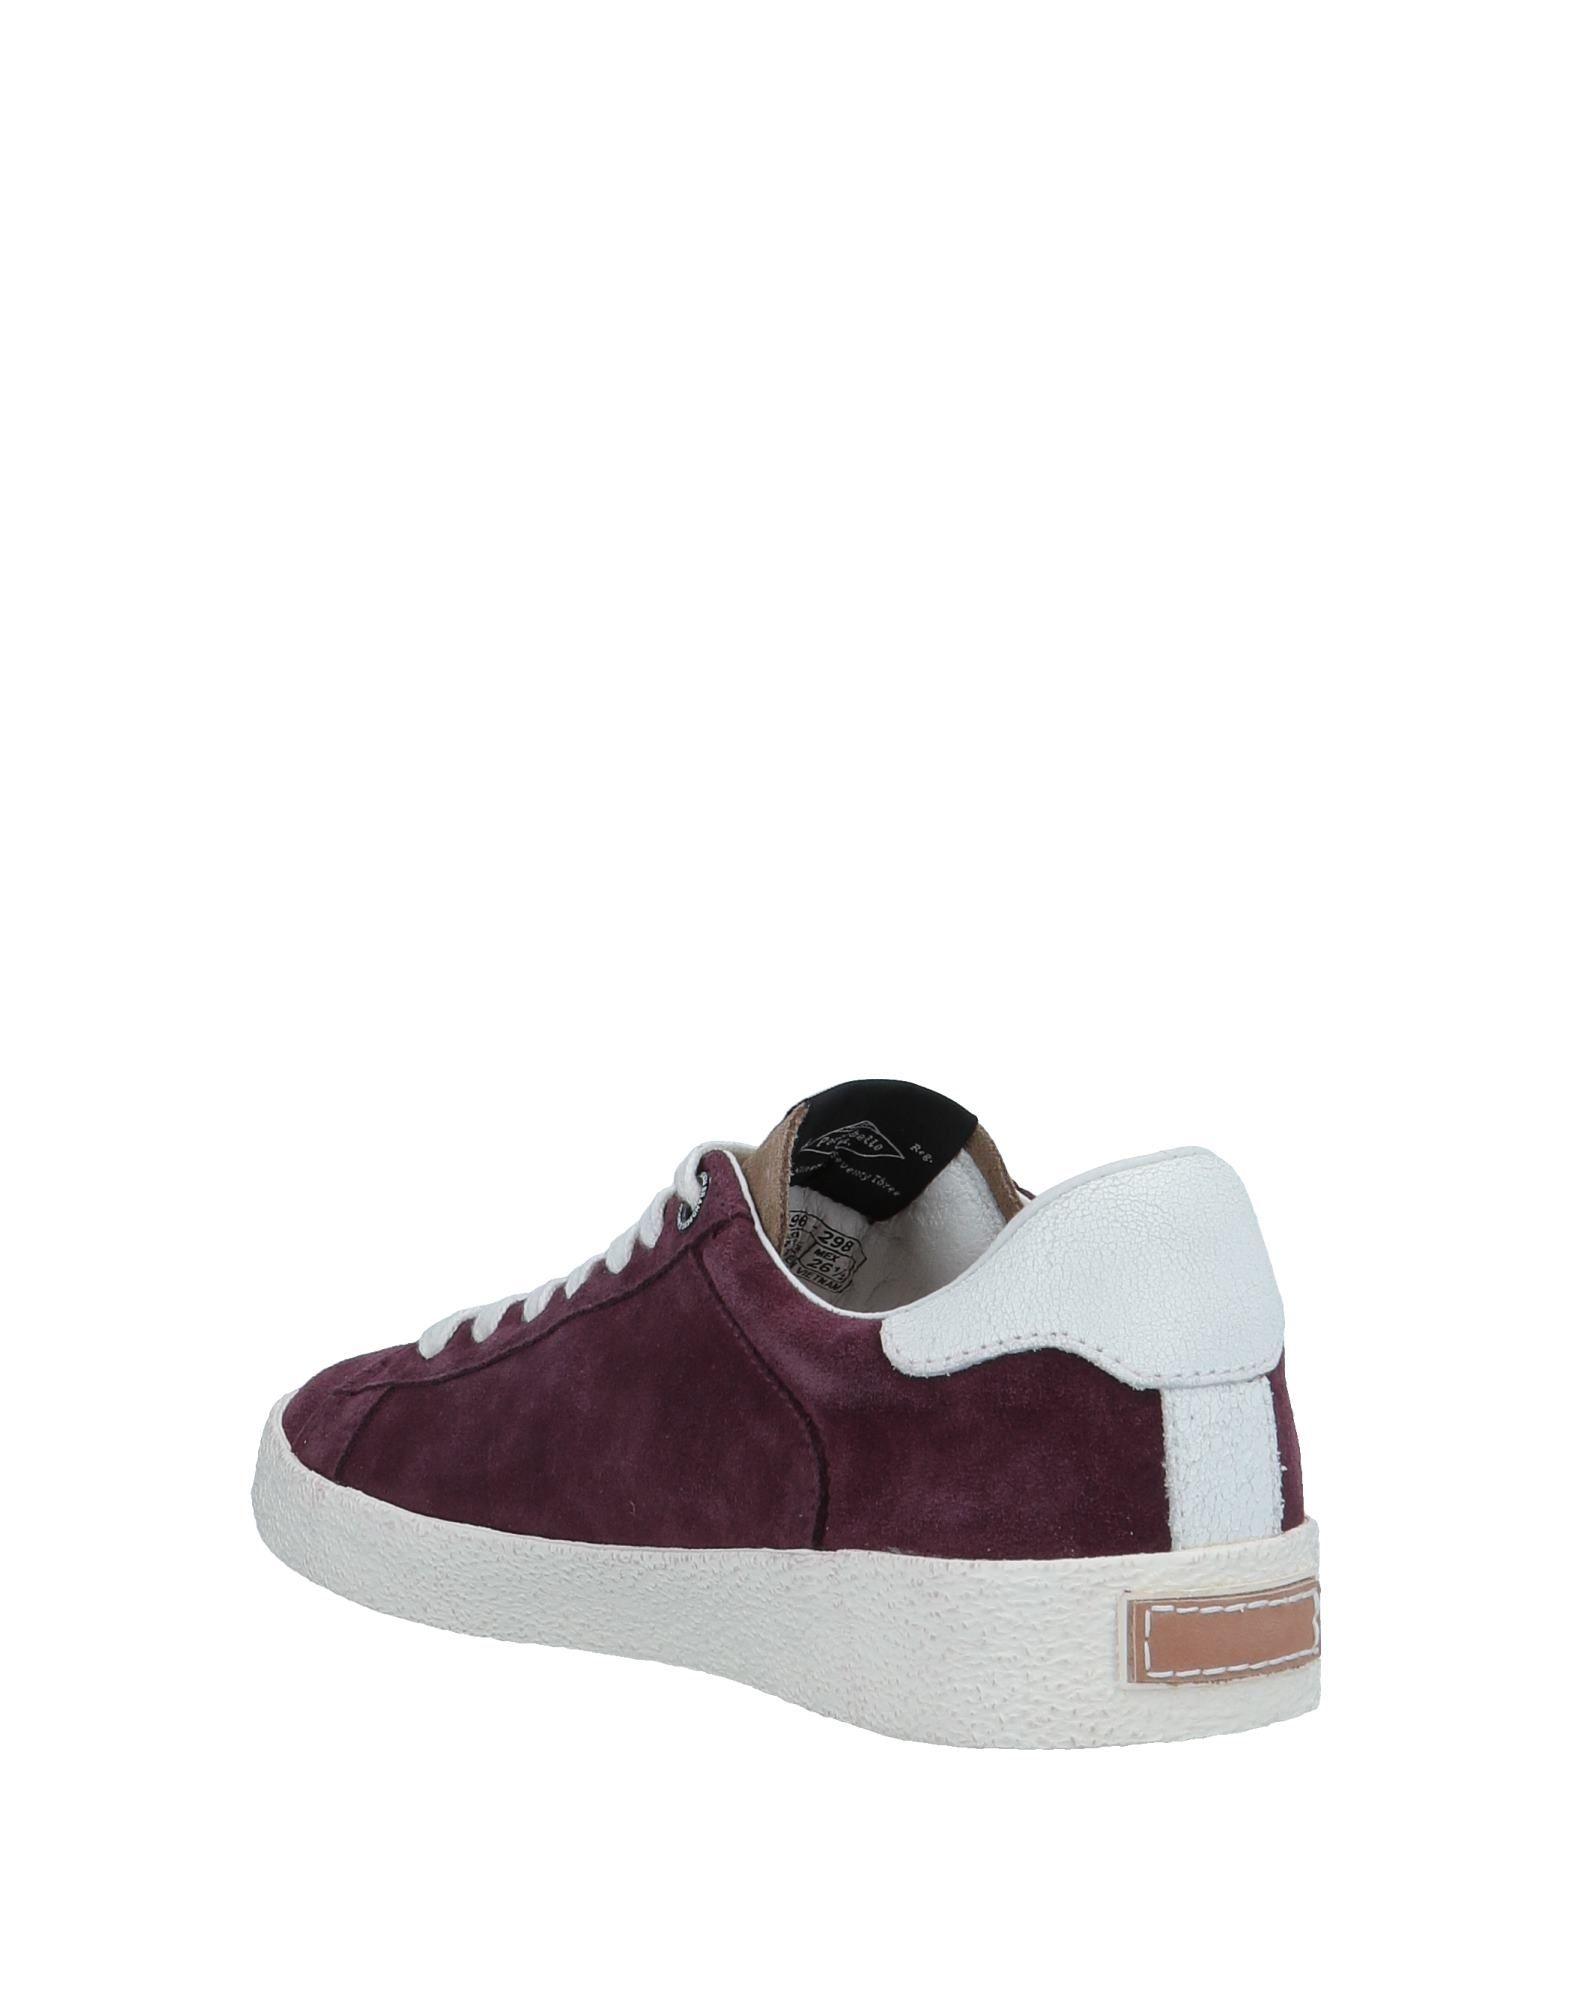 Pepe Jeans Sneakers - Men on Pepe Jeans Sneakers online on Men  Australia - 11578167MU 40319e